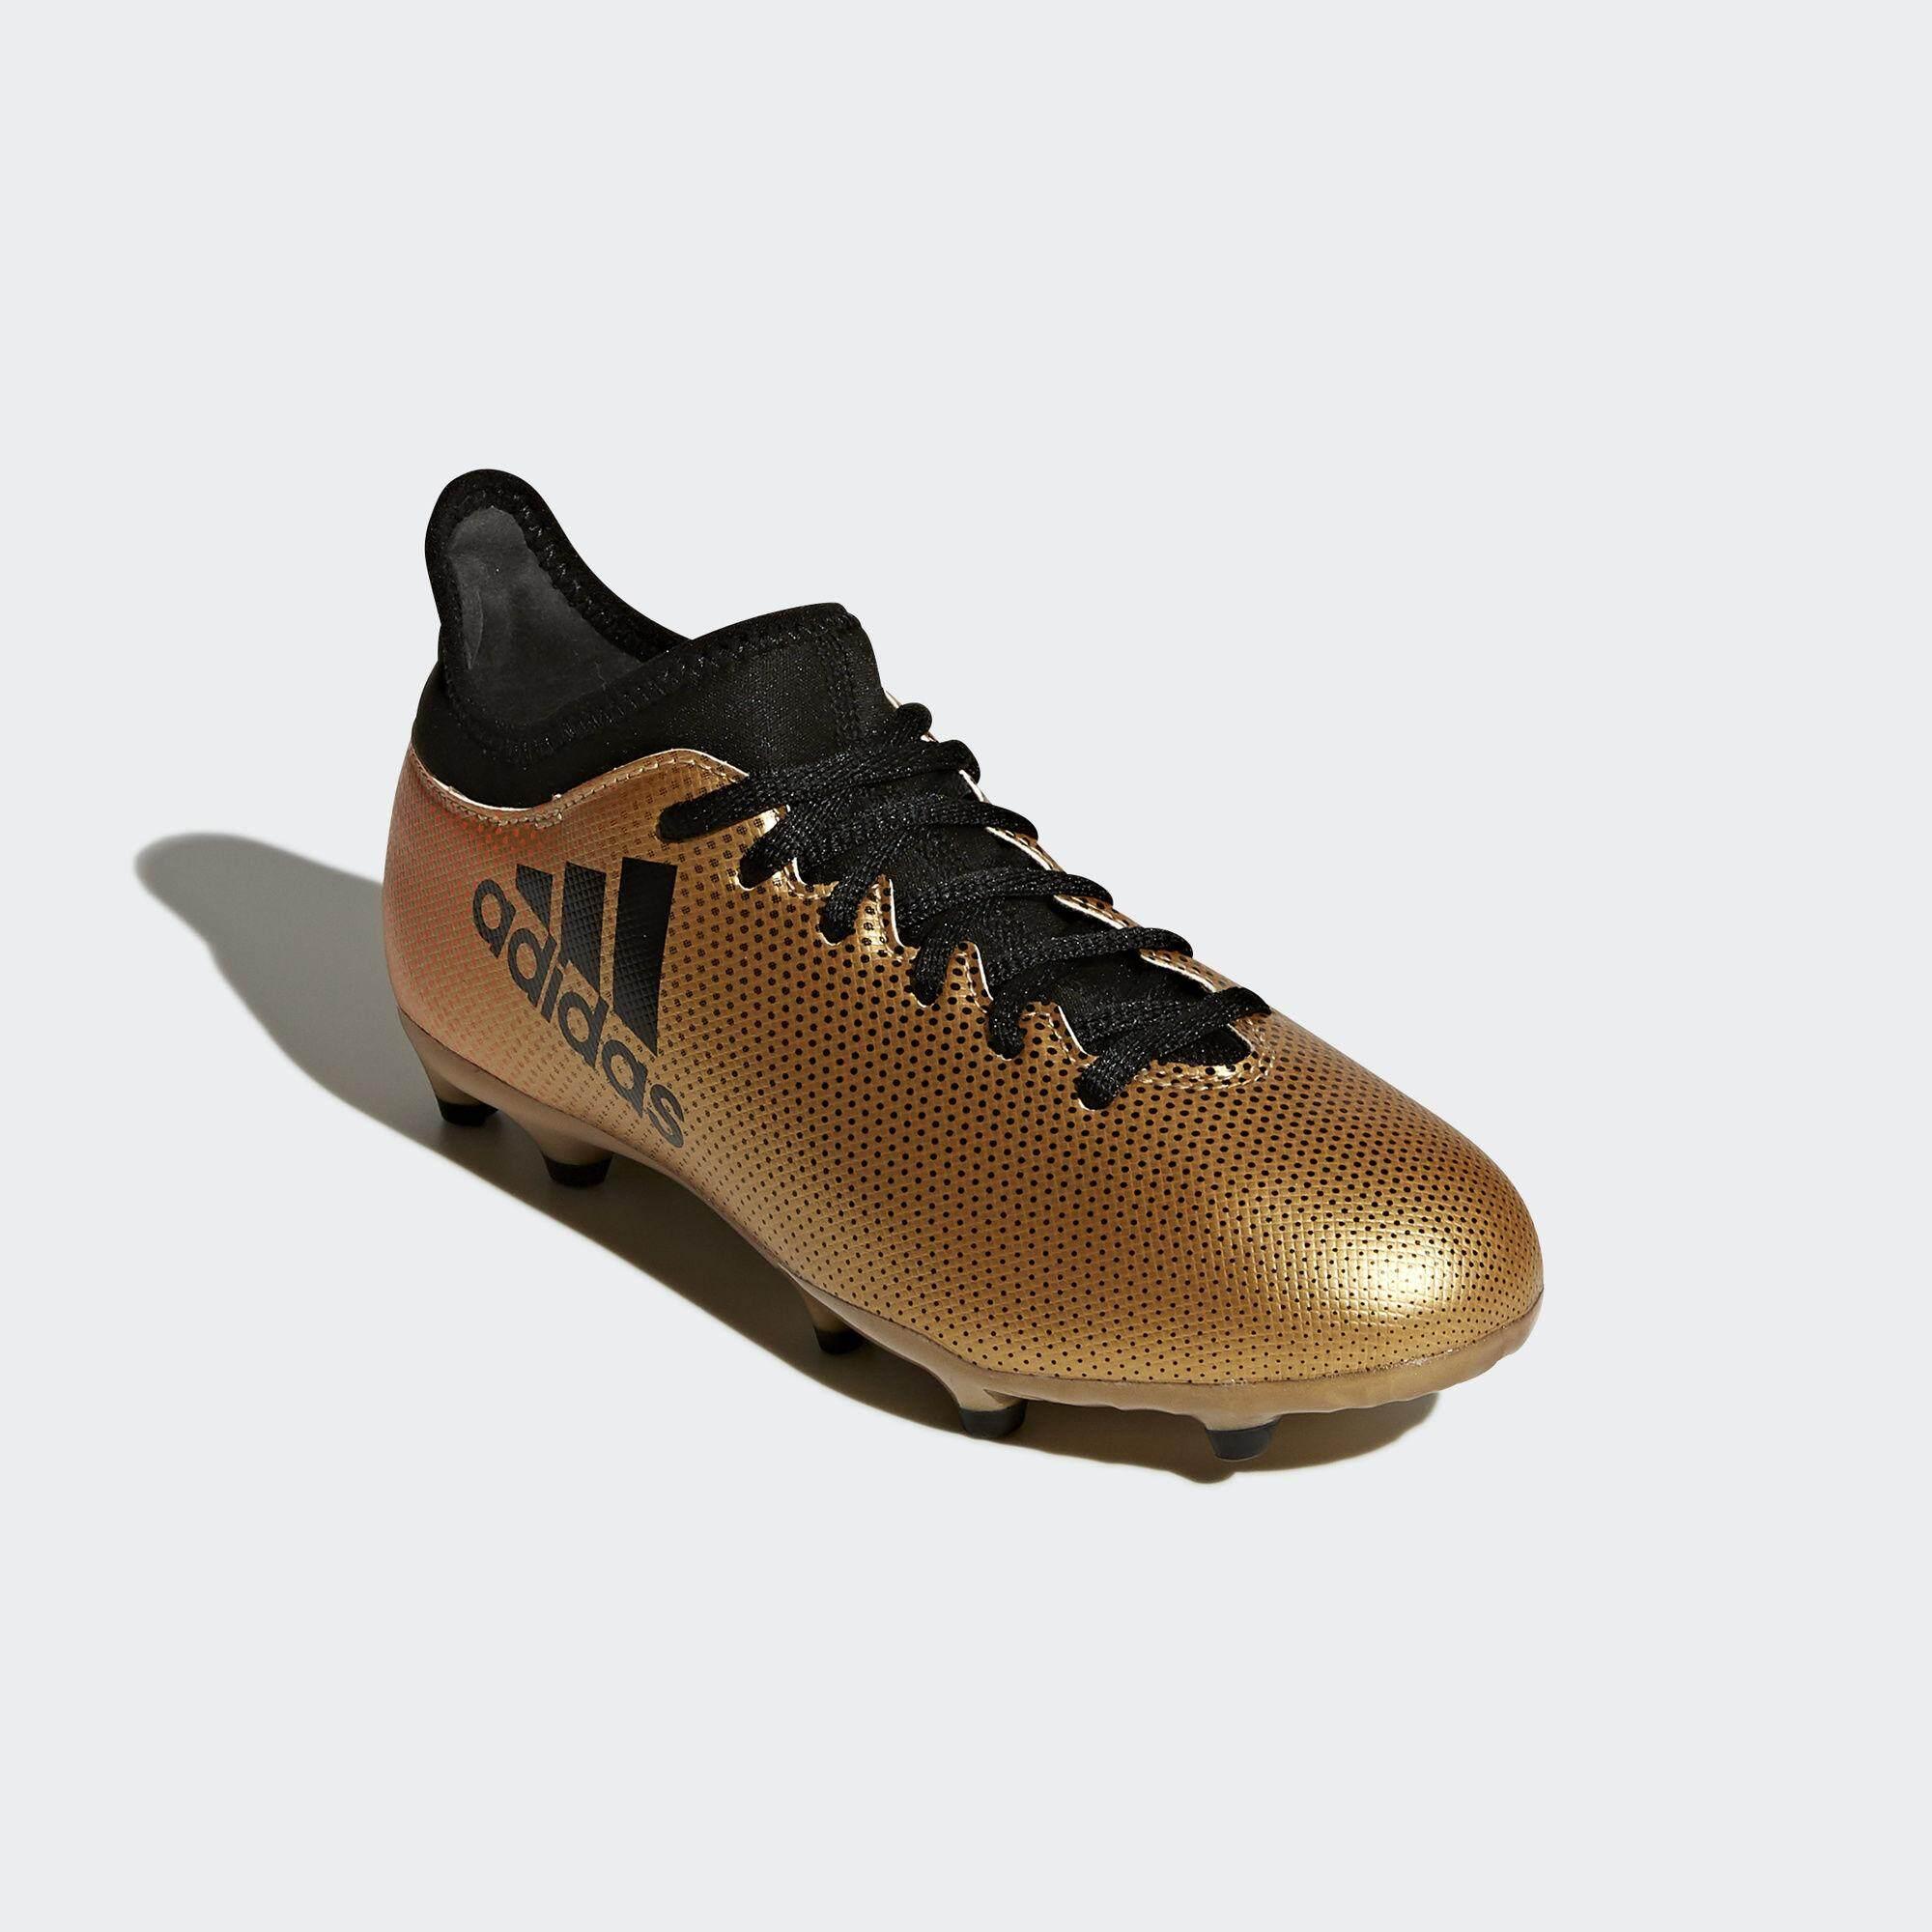 รองเท้าฟุตบอลเด็ก Adidas Cp8990 X 17.3 Fg Junior - Gold รองเท้าฟุตบอล รองเท้าฟุตบอลอาดิดาส รองเท้าสตั๊ด By Gear Up.